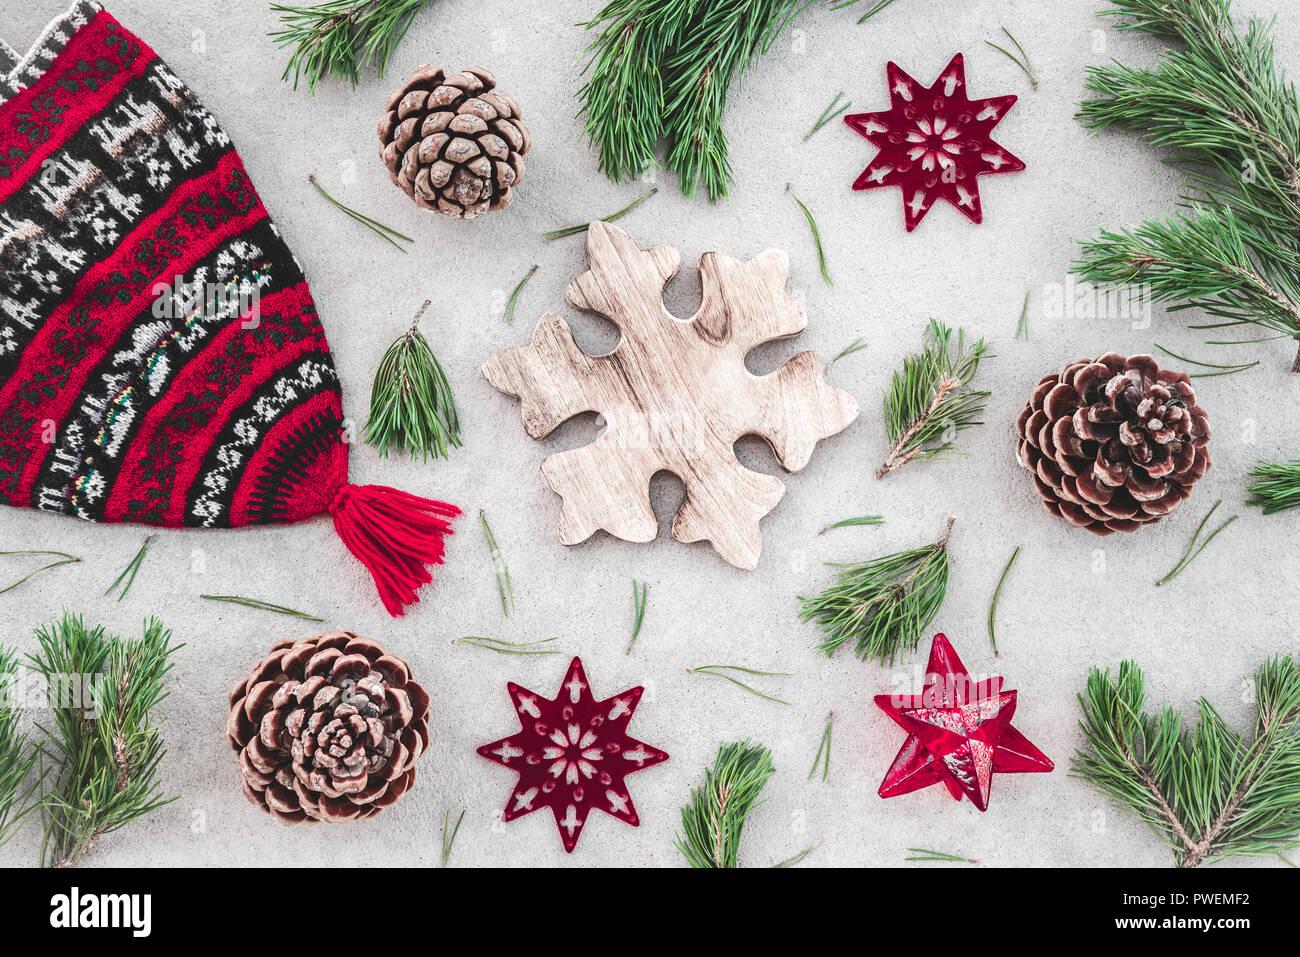 Decoración de Navidad de estilo nórdico. Sombrero de invierno tejido rojo, verde ramas de pino, conos y estrellas, sobre fondo de hormigón. Foto de stock